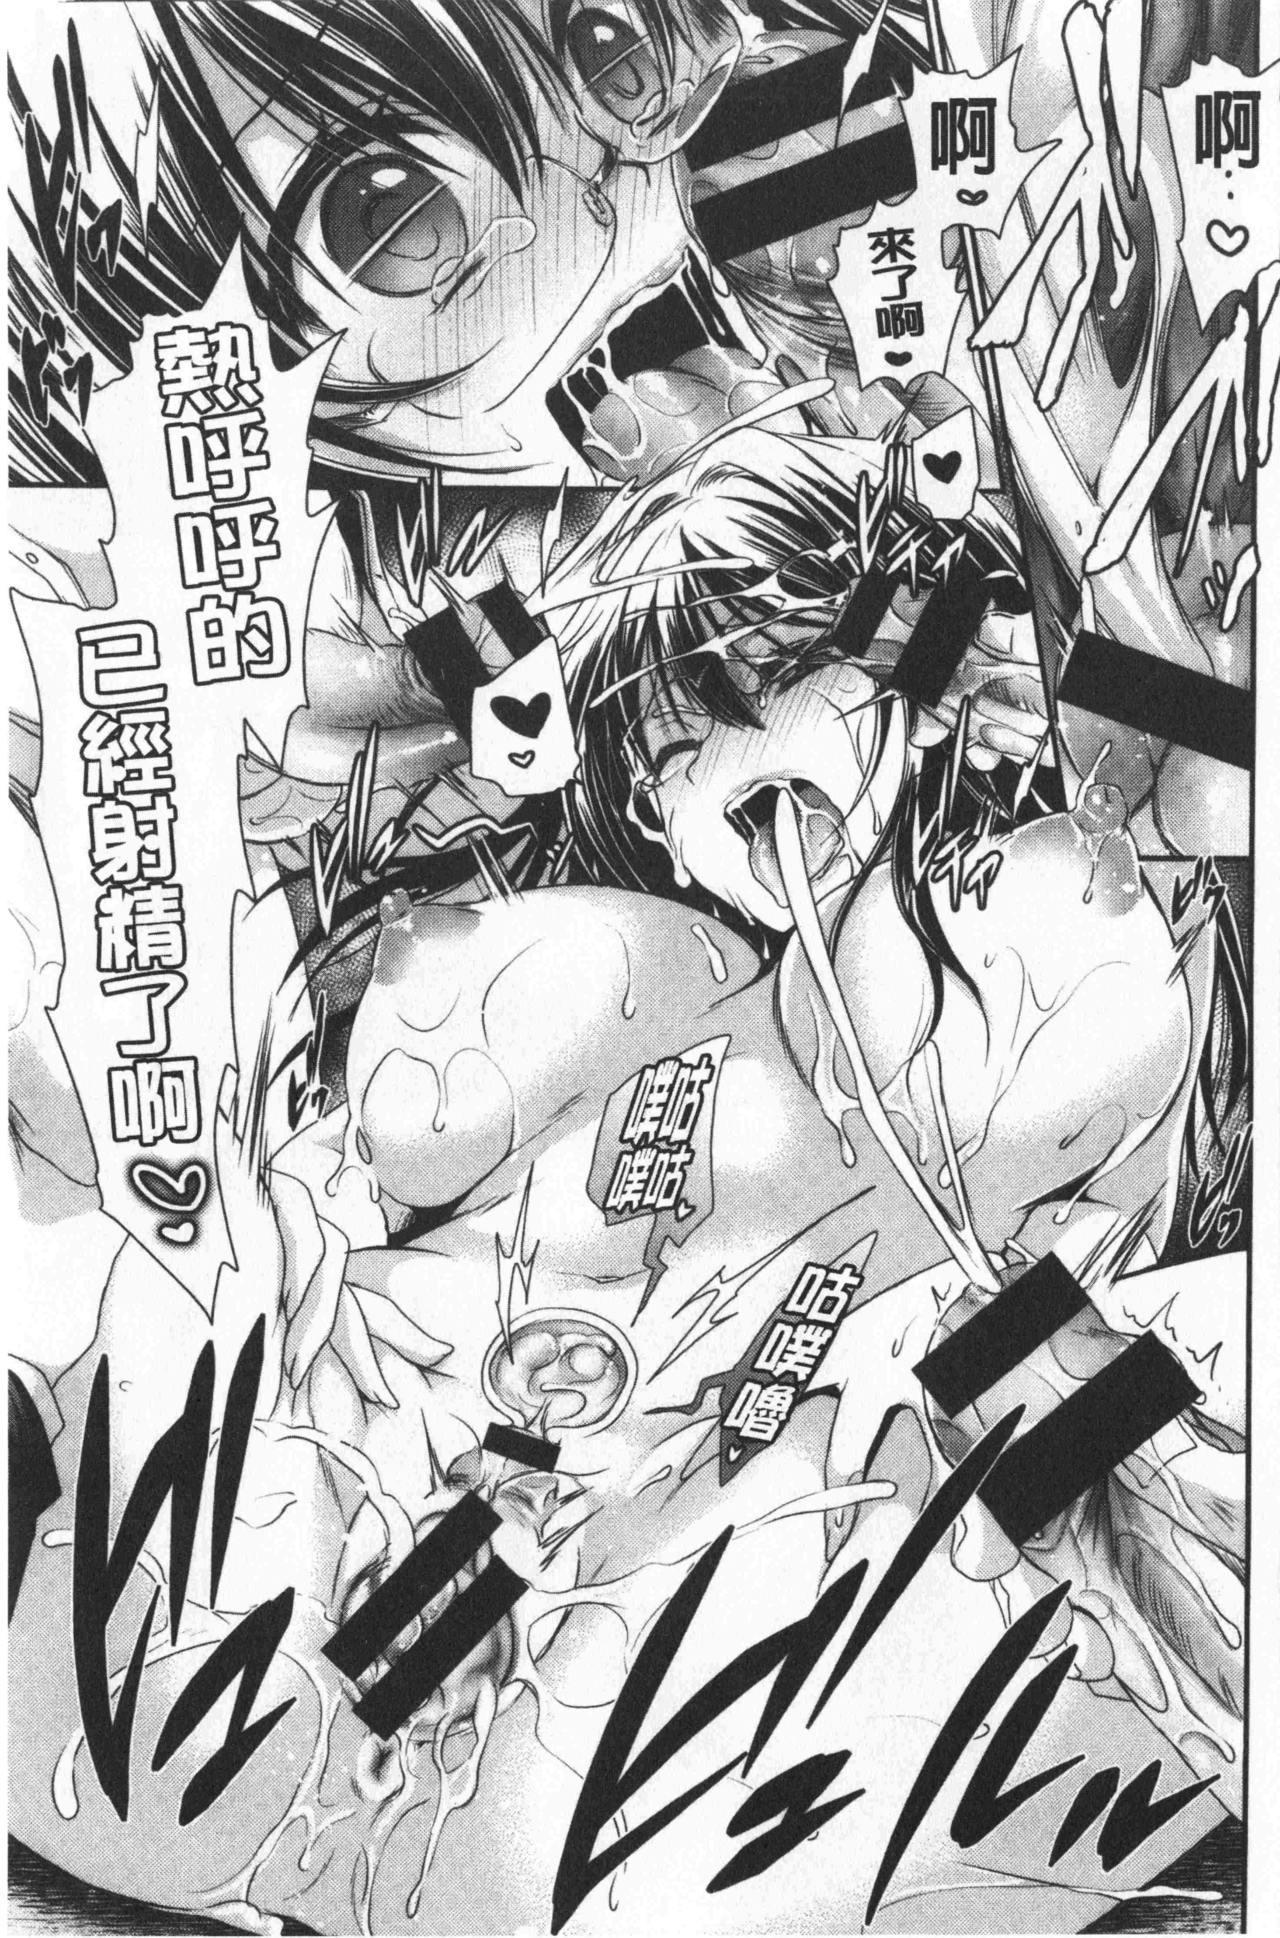 Doku Aru Hana no Amai Mitsu   毒淫花的甘甜蜜 22